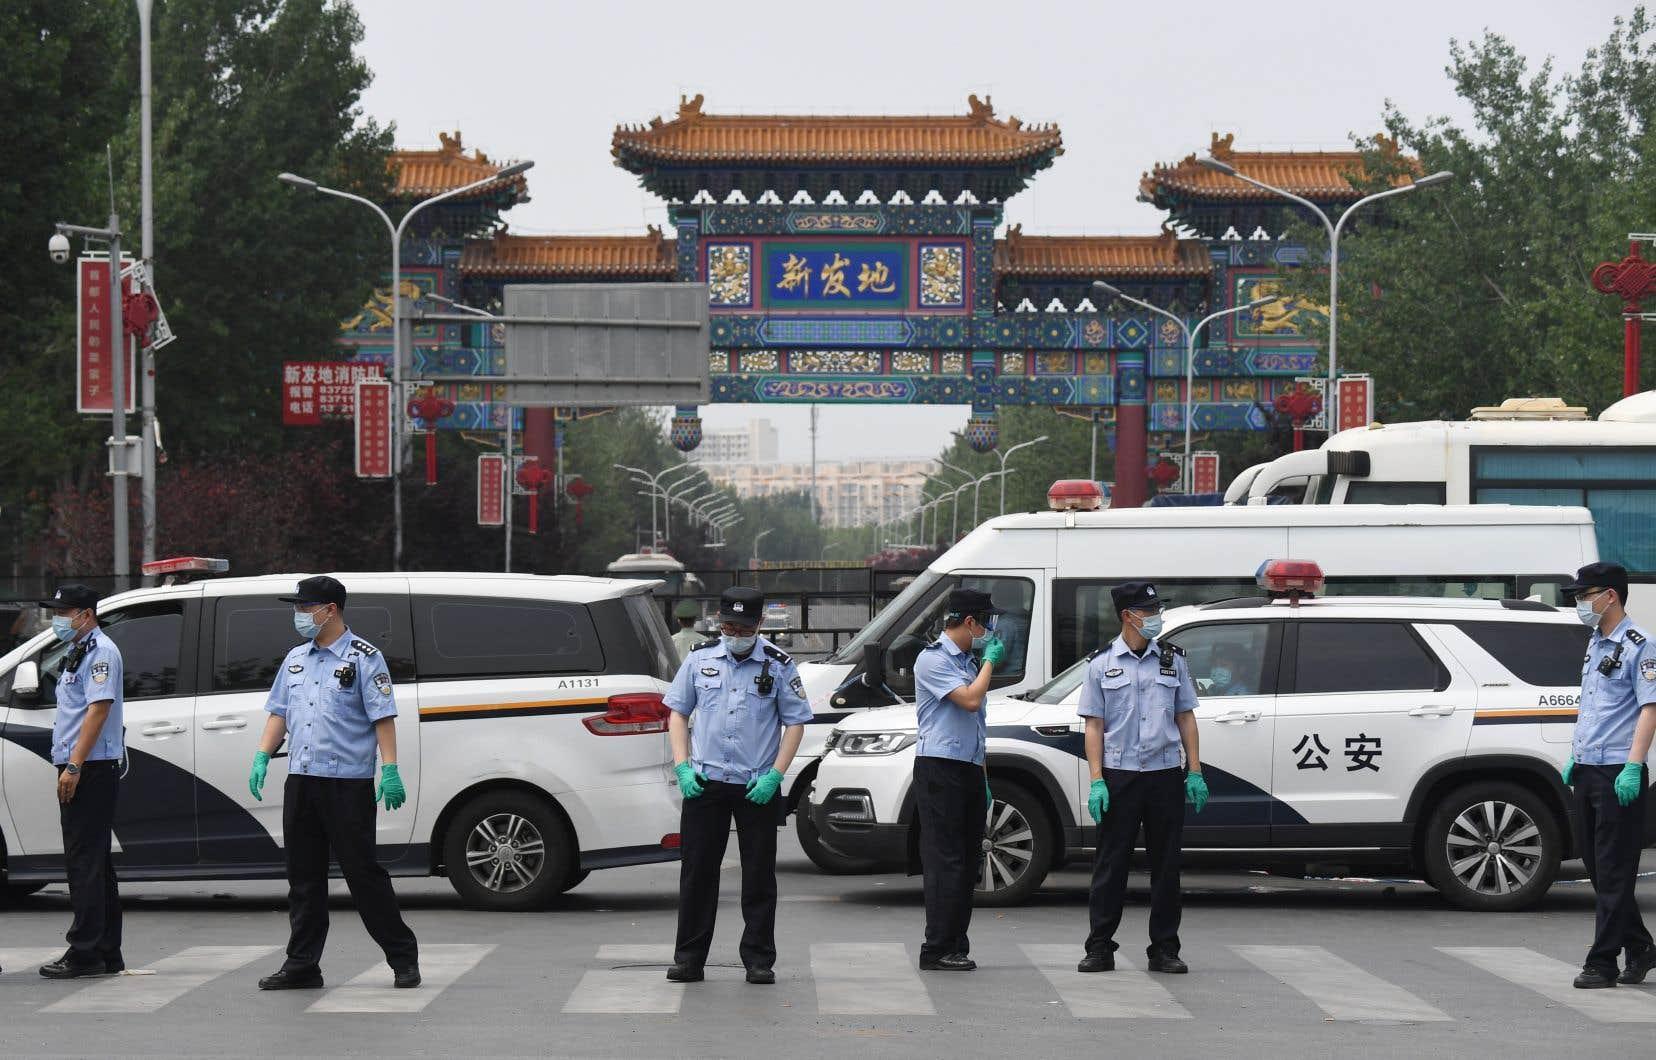 Les autorités chinoises ont signalé 49 nouveaux cas confirmés de COVID-19 en 24heures, dont 36 liés à un marché de gros à Pékin. Sur la photo, des policiers bloquant l'accès au marché Xinfadi.